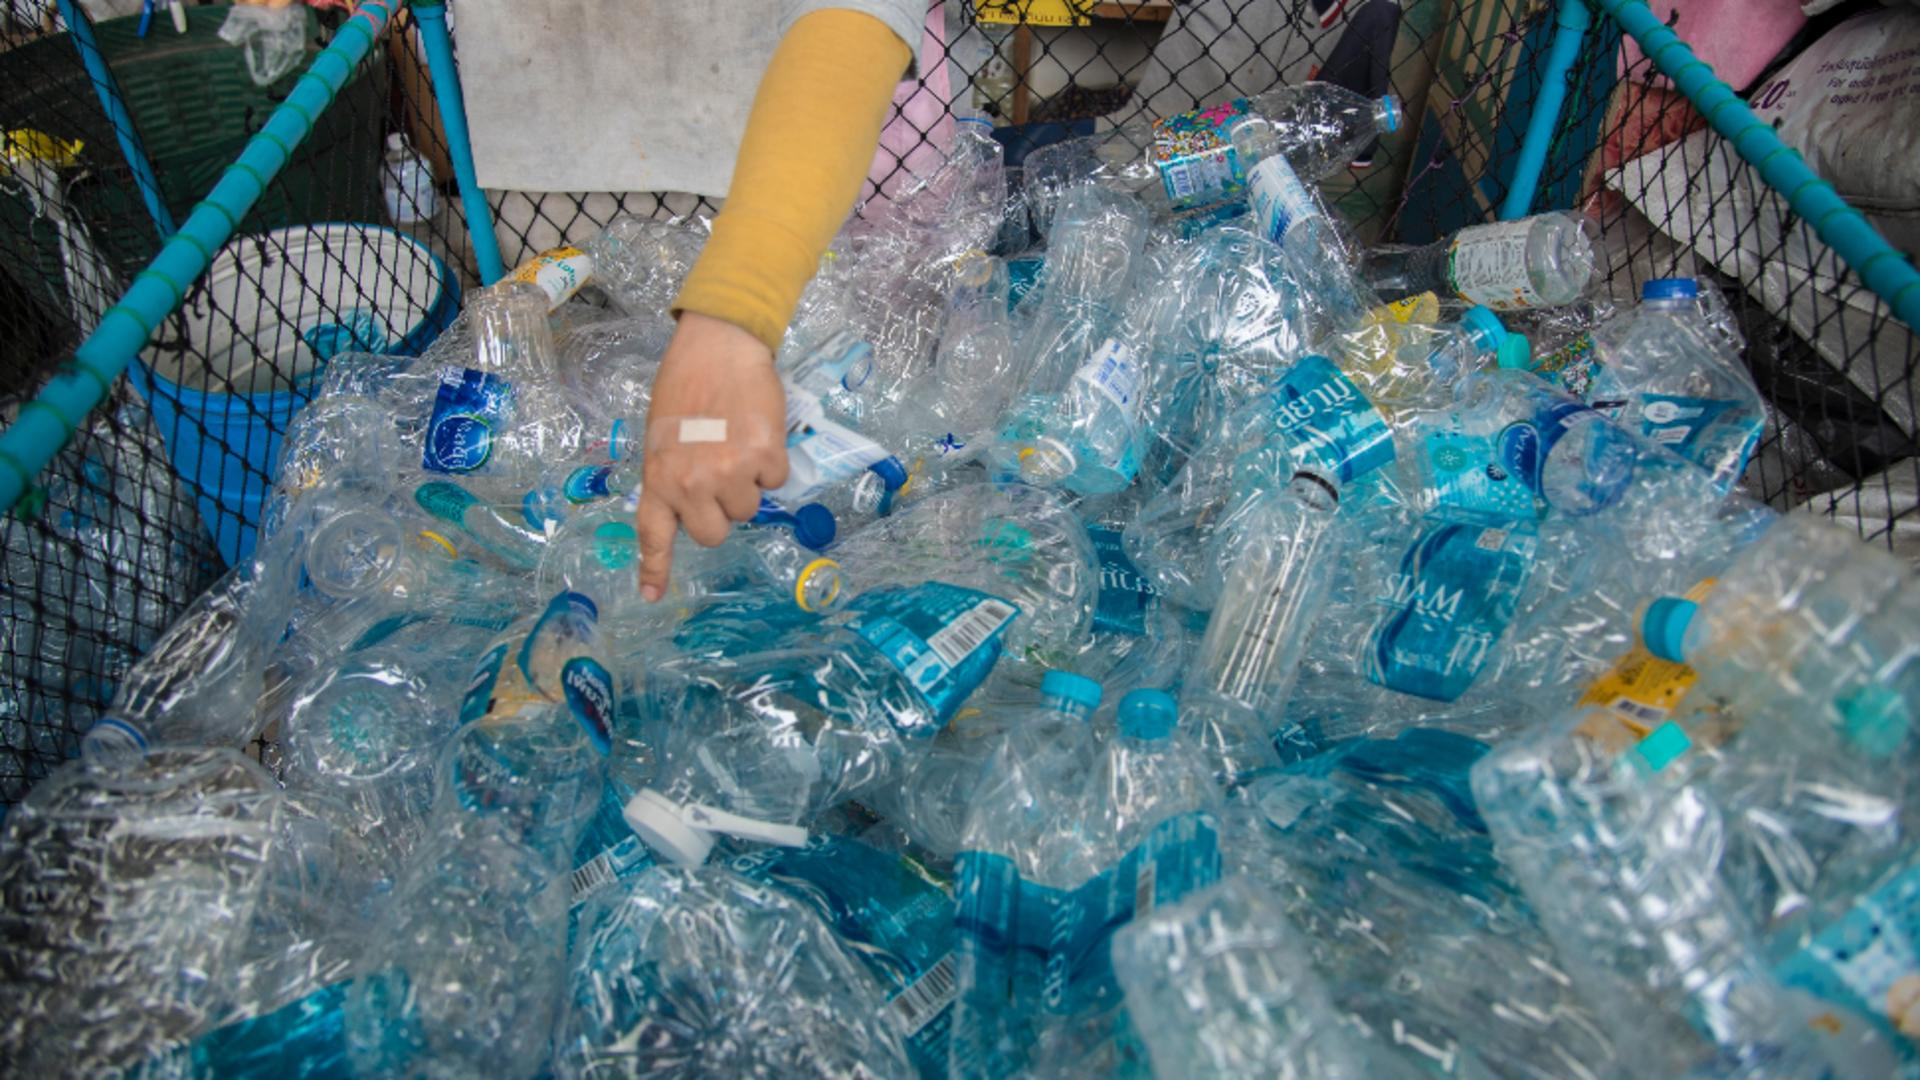 Românii primesc 50 de bani pentru fiecare ambalaj de băutură returnat / Foto: Profi Media